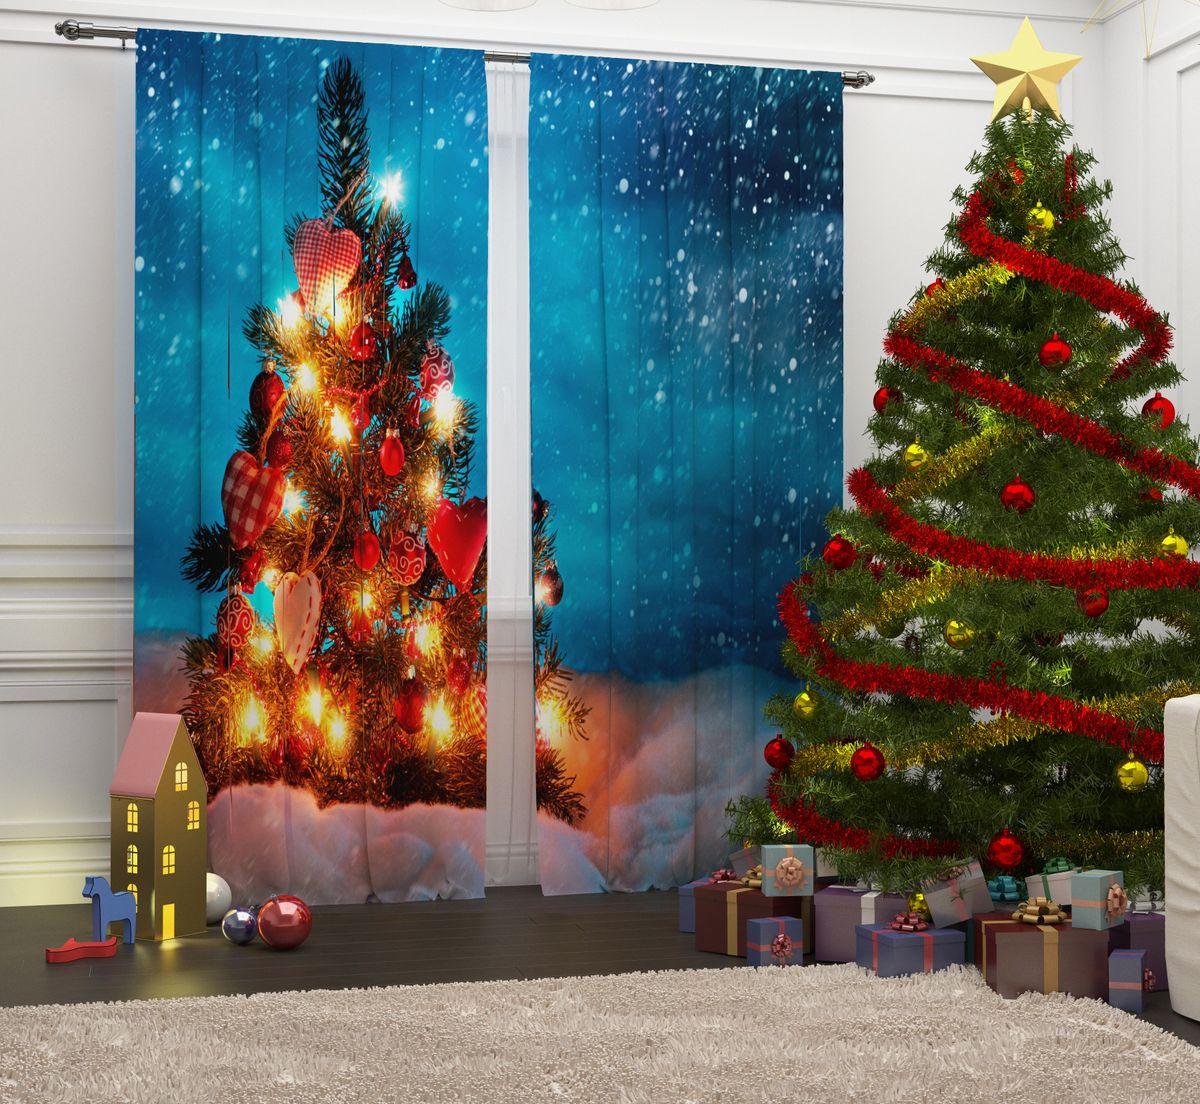 Фотошторы Сирень Рождественские огни, на ленте, высота 260 см02156-ФШ-ГБ-001Перед новогодними праздниками каждая хозяйка или хозяин хотят украсить свой дом. Мы предлагаем оригинальное решение, украсить Ваше окно фотошторами с новогодней тематикой. Новогодние фотошторы Сирень станут отличным подарком на Новый год. Подарите радость праздника себе и Вашим близким людям! Текстиль бренда «Сирень» - качество в каждом сантиметре ткани! Крепление на карниз при помощи шторной ленты на крючки. В комплекте: Портьера: 2 шт. Размер (ШхВ): 145 см х 260 см. Рекомендации по уходу: стирка при 30 градусах гладить при температуре до 150 градусов Изображение на мониторе может немного отличаться от реального.